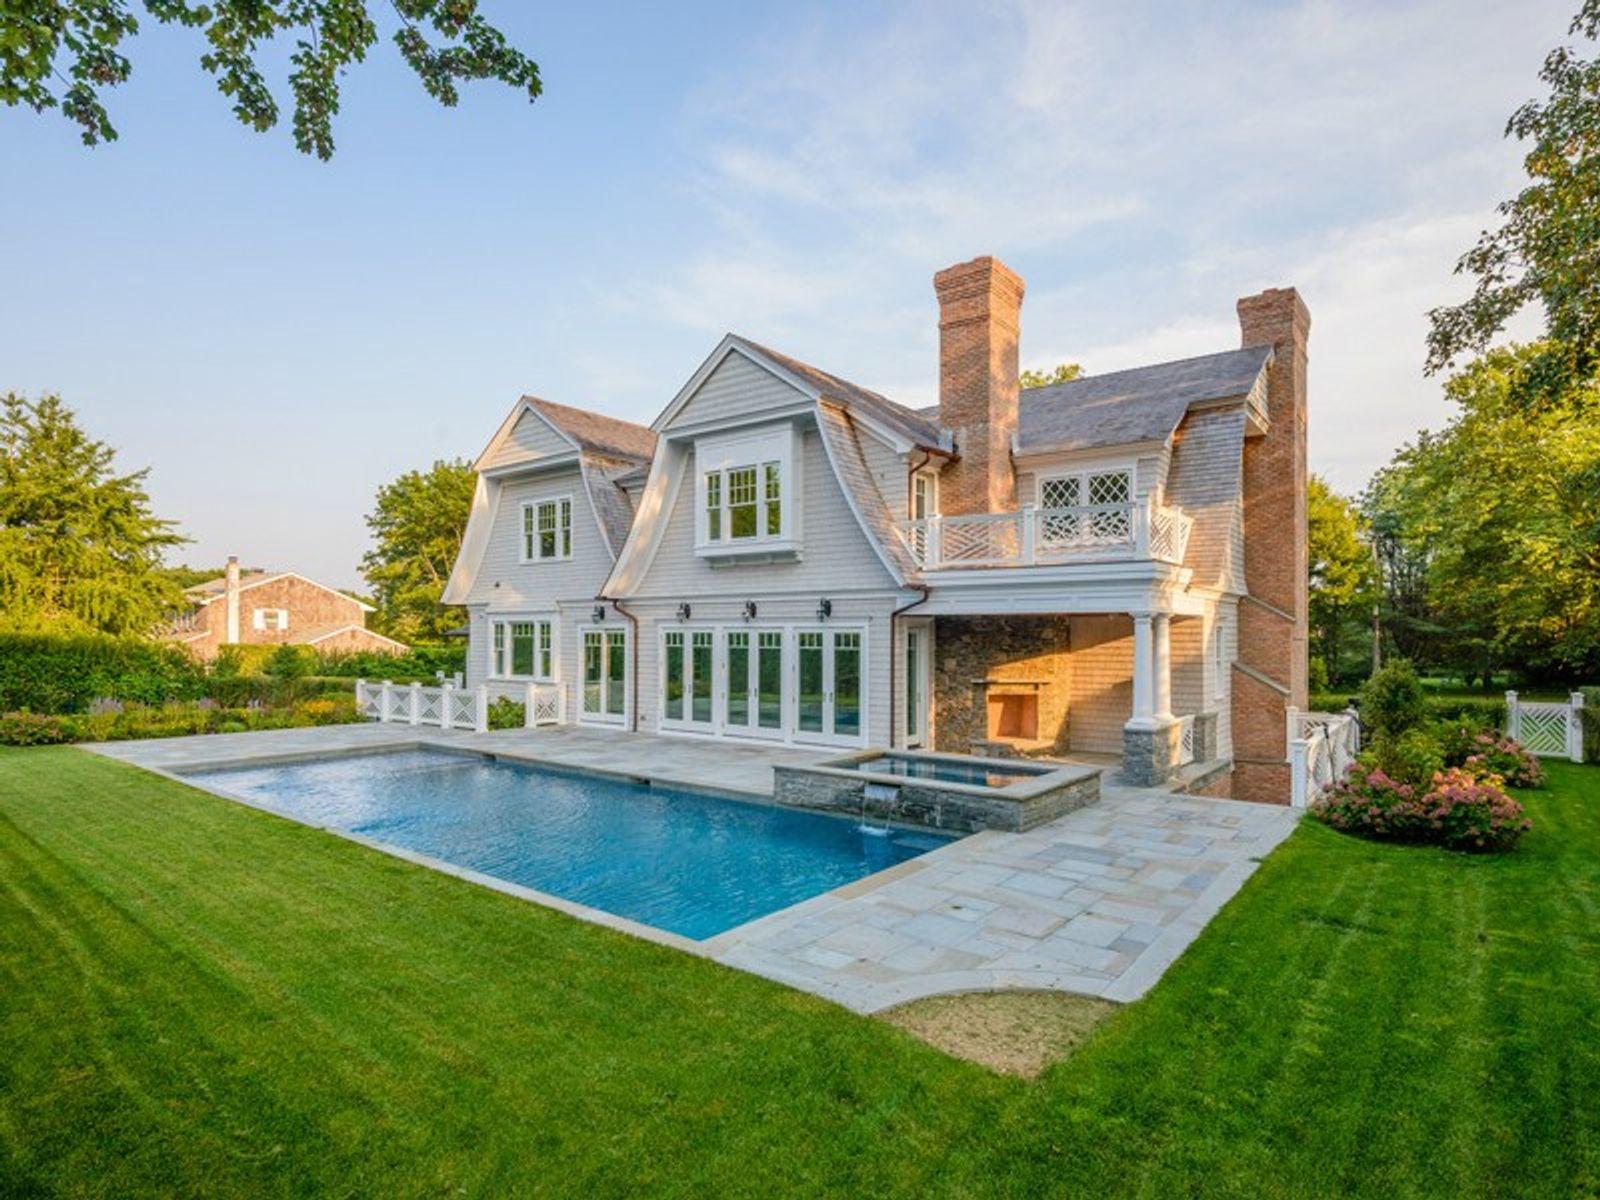 New Build - Southampton Village